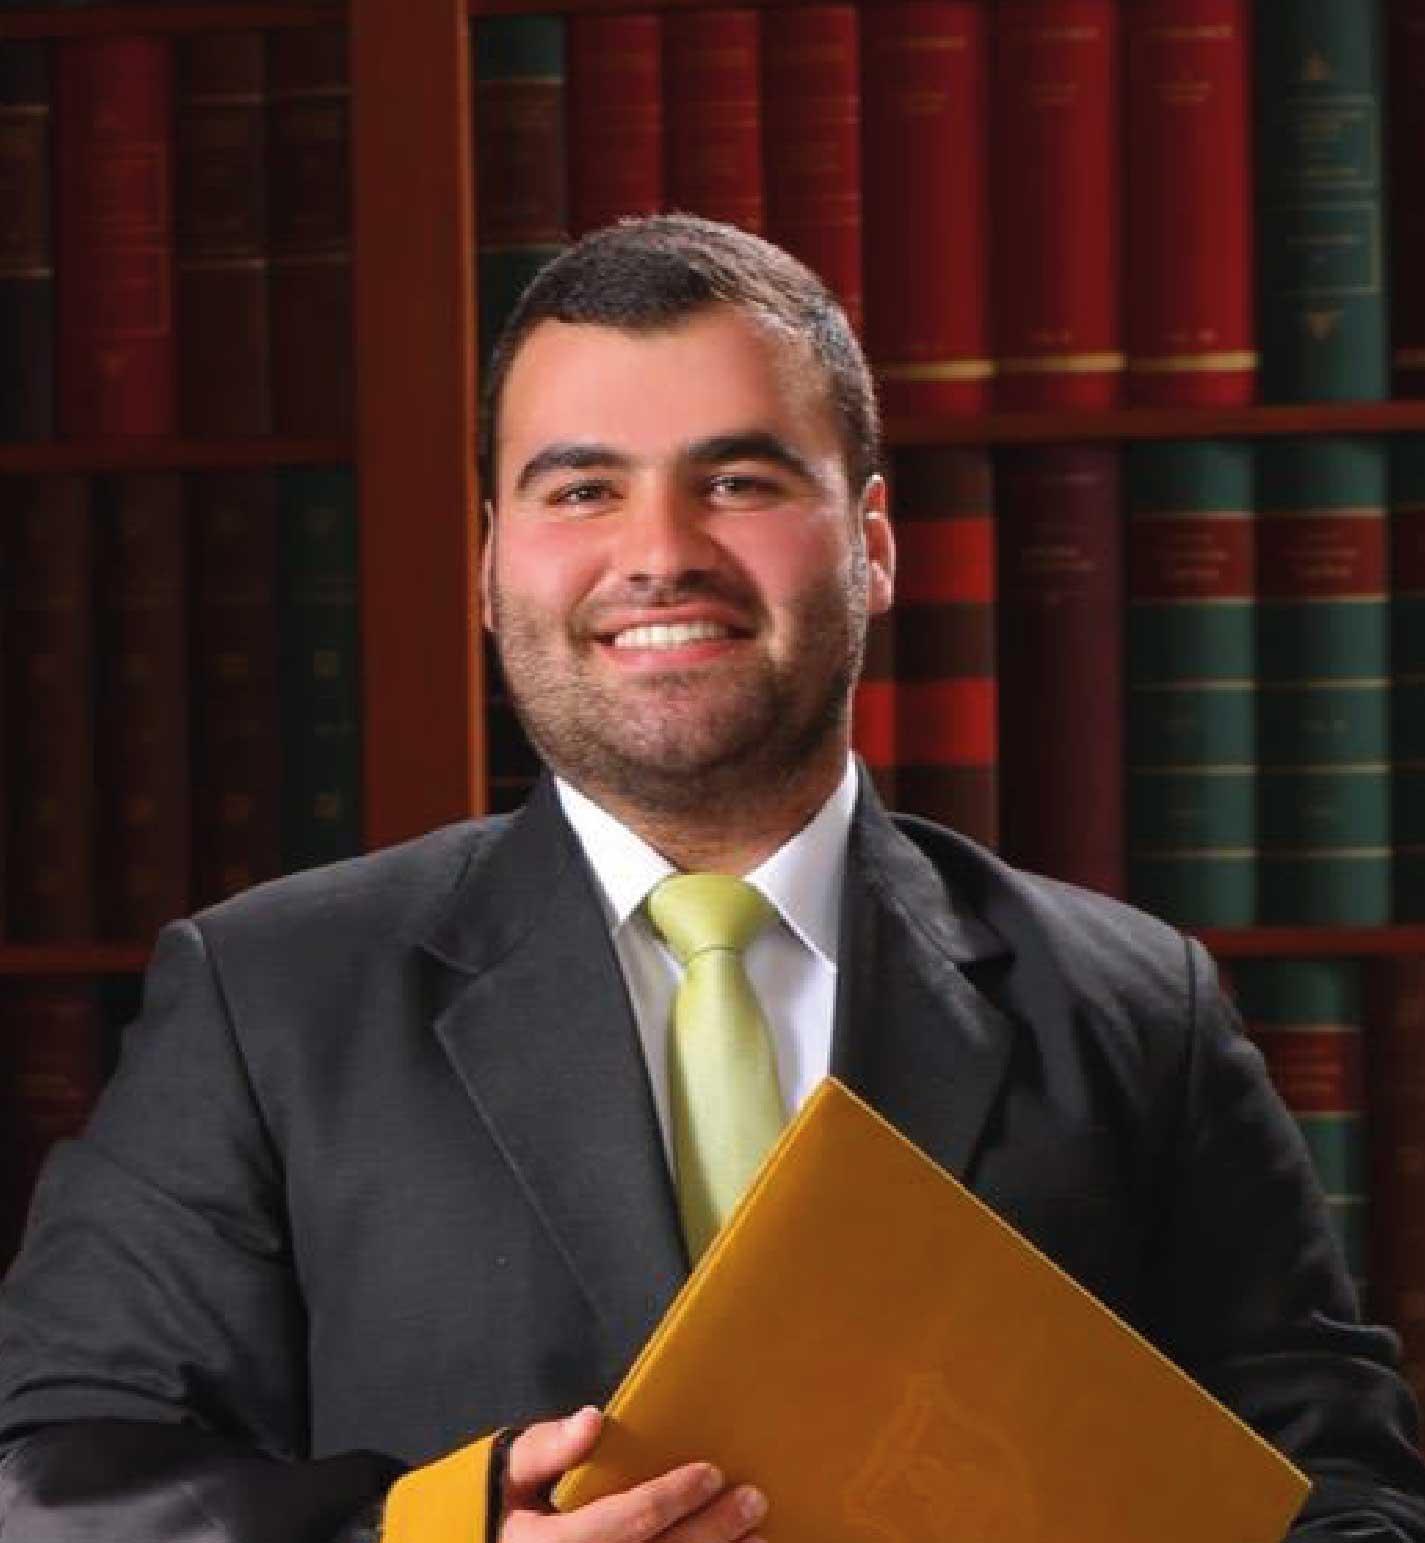 Eng. Ahmad Ishaq AL-Qawasmeh